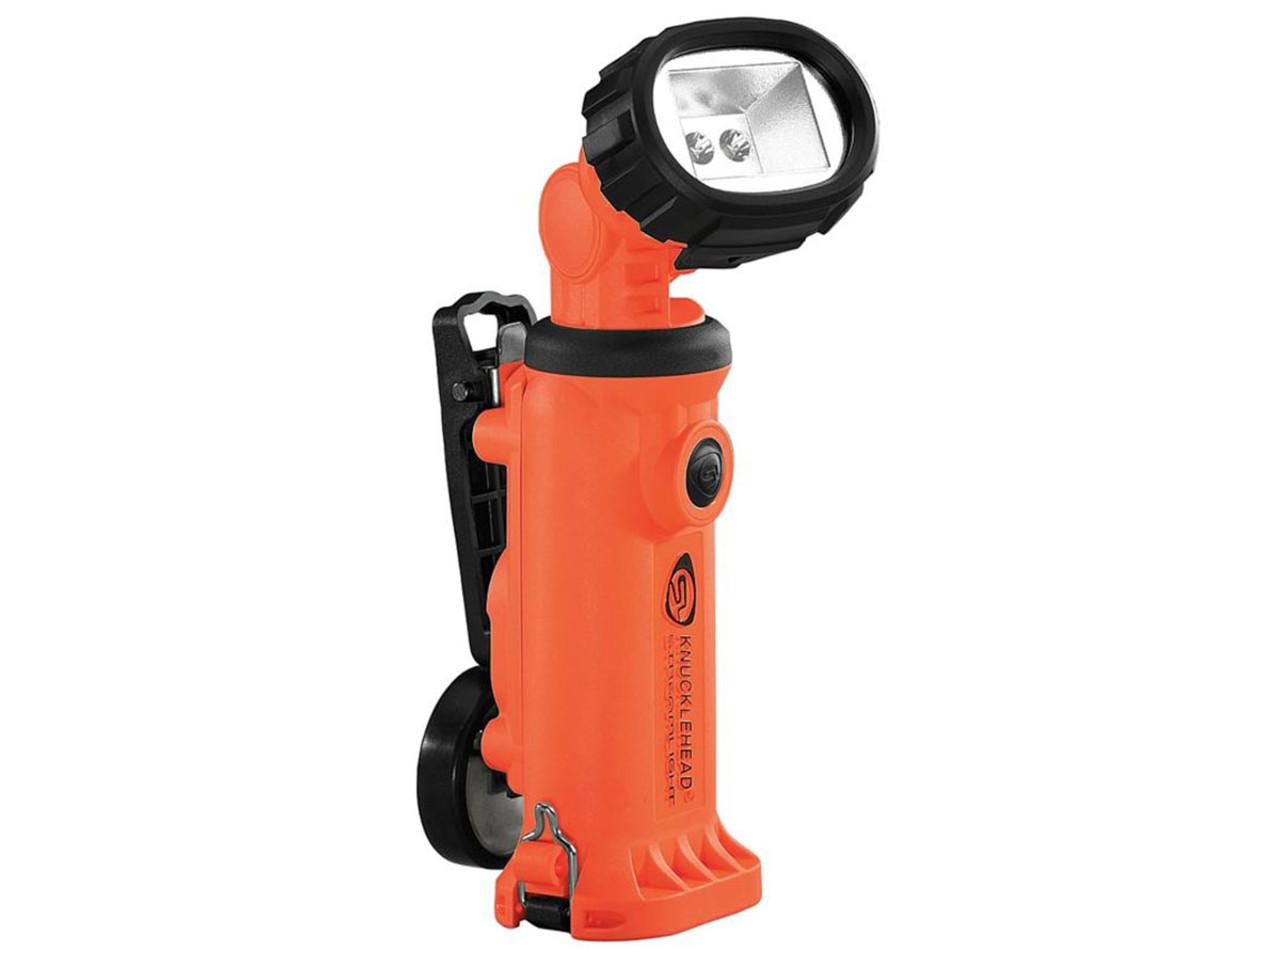 Knucklehead Multi-Purpose Rechargeable Flood Light